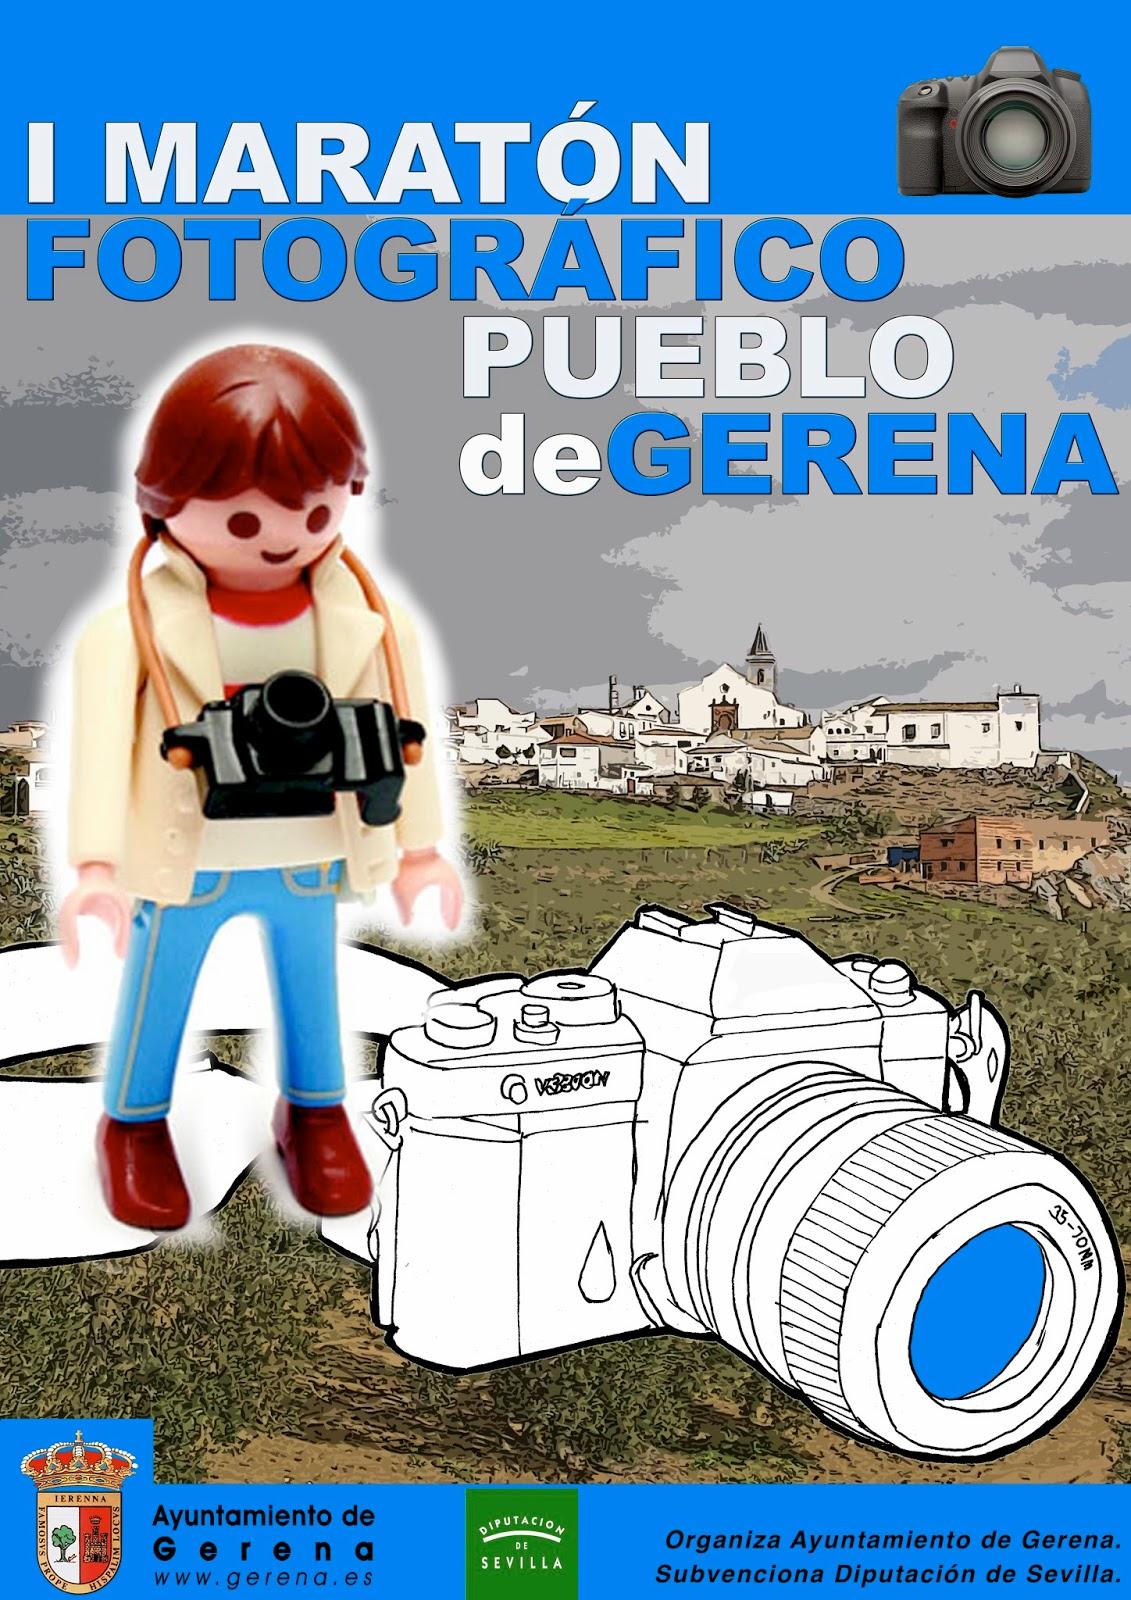 http://www.gerena.es/opencms/opencms/gerena/actualidad/juventud/noticia0048.html